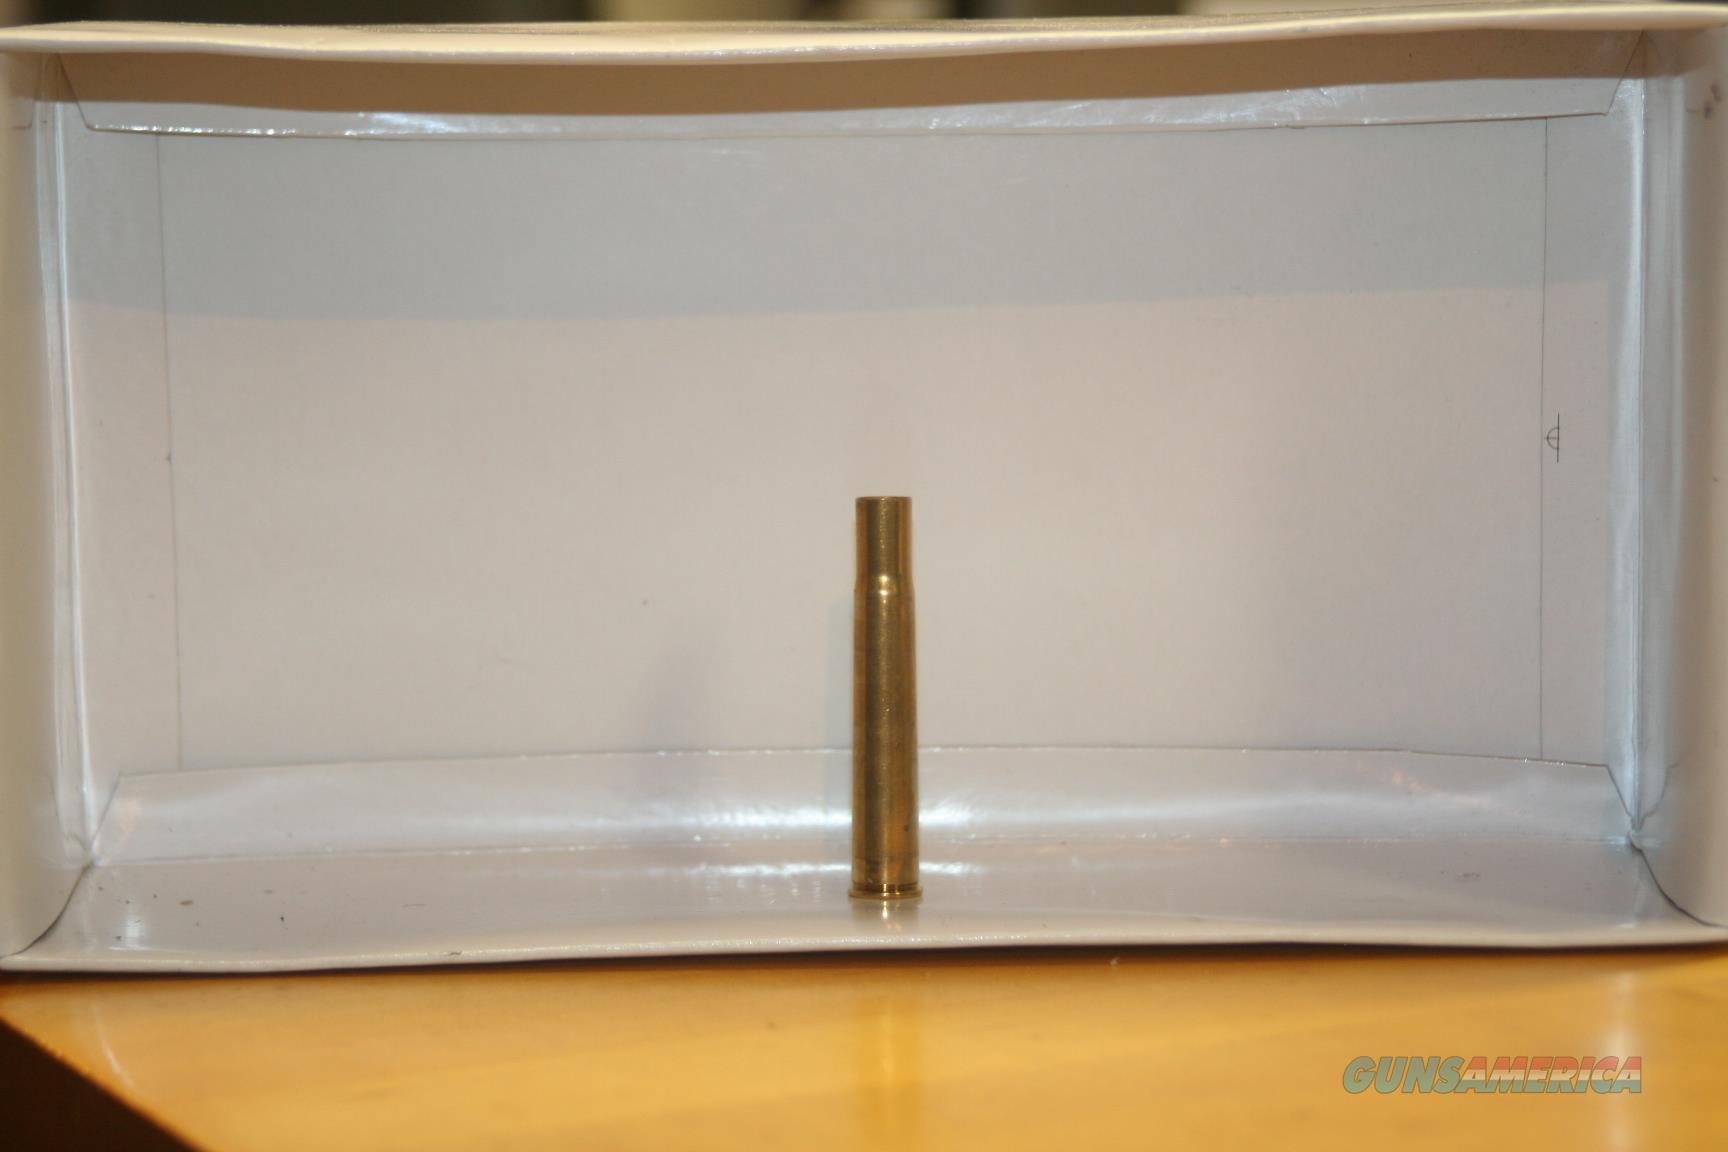 400 X 350 New unprimed brass cartridge cases  Non-Guns > Ammunition